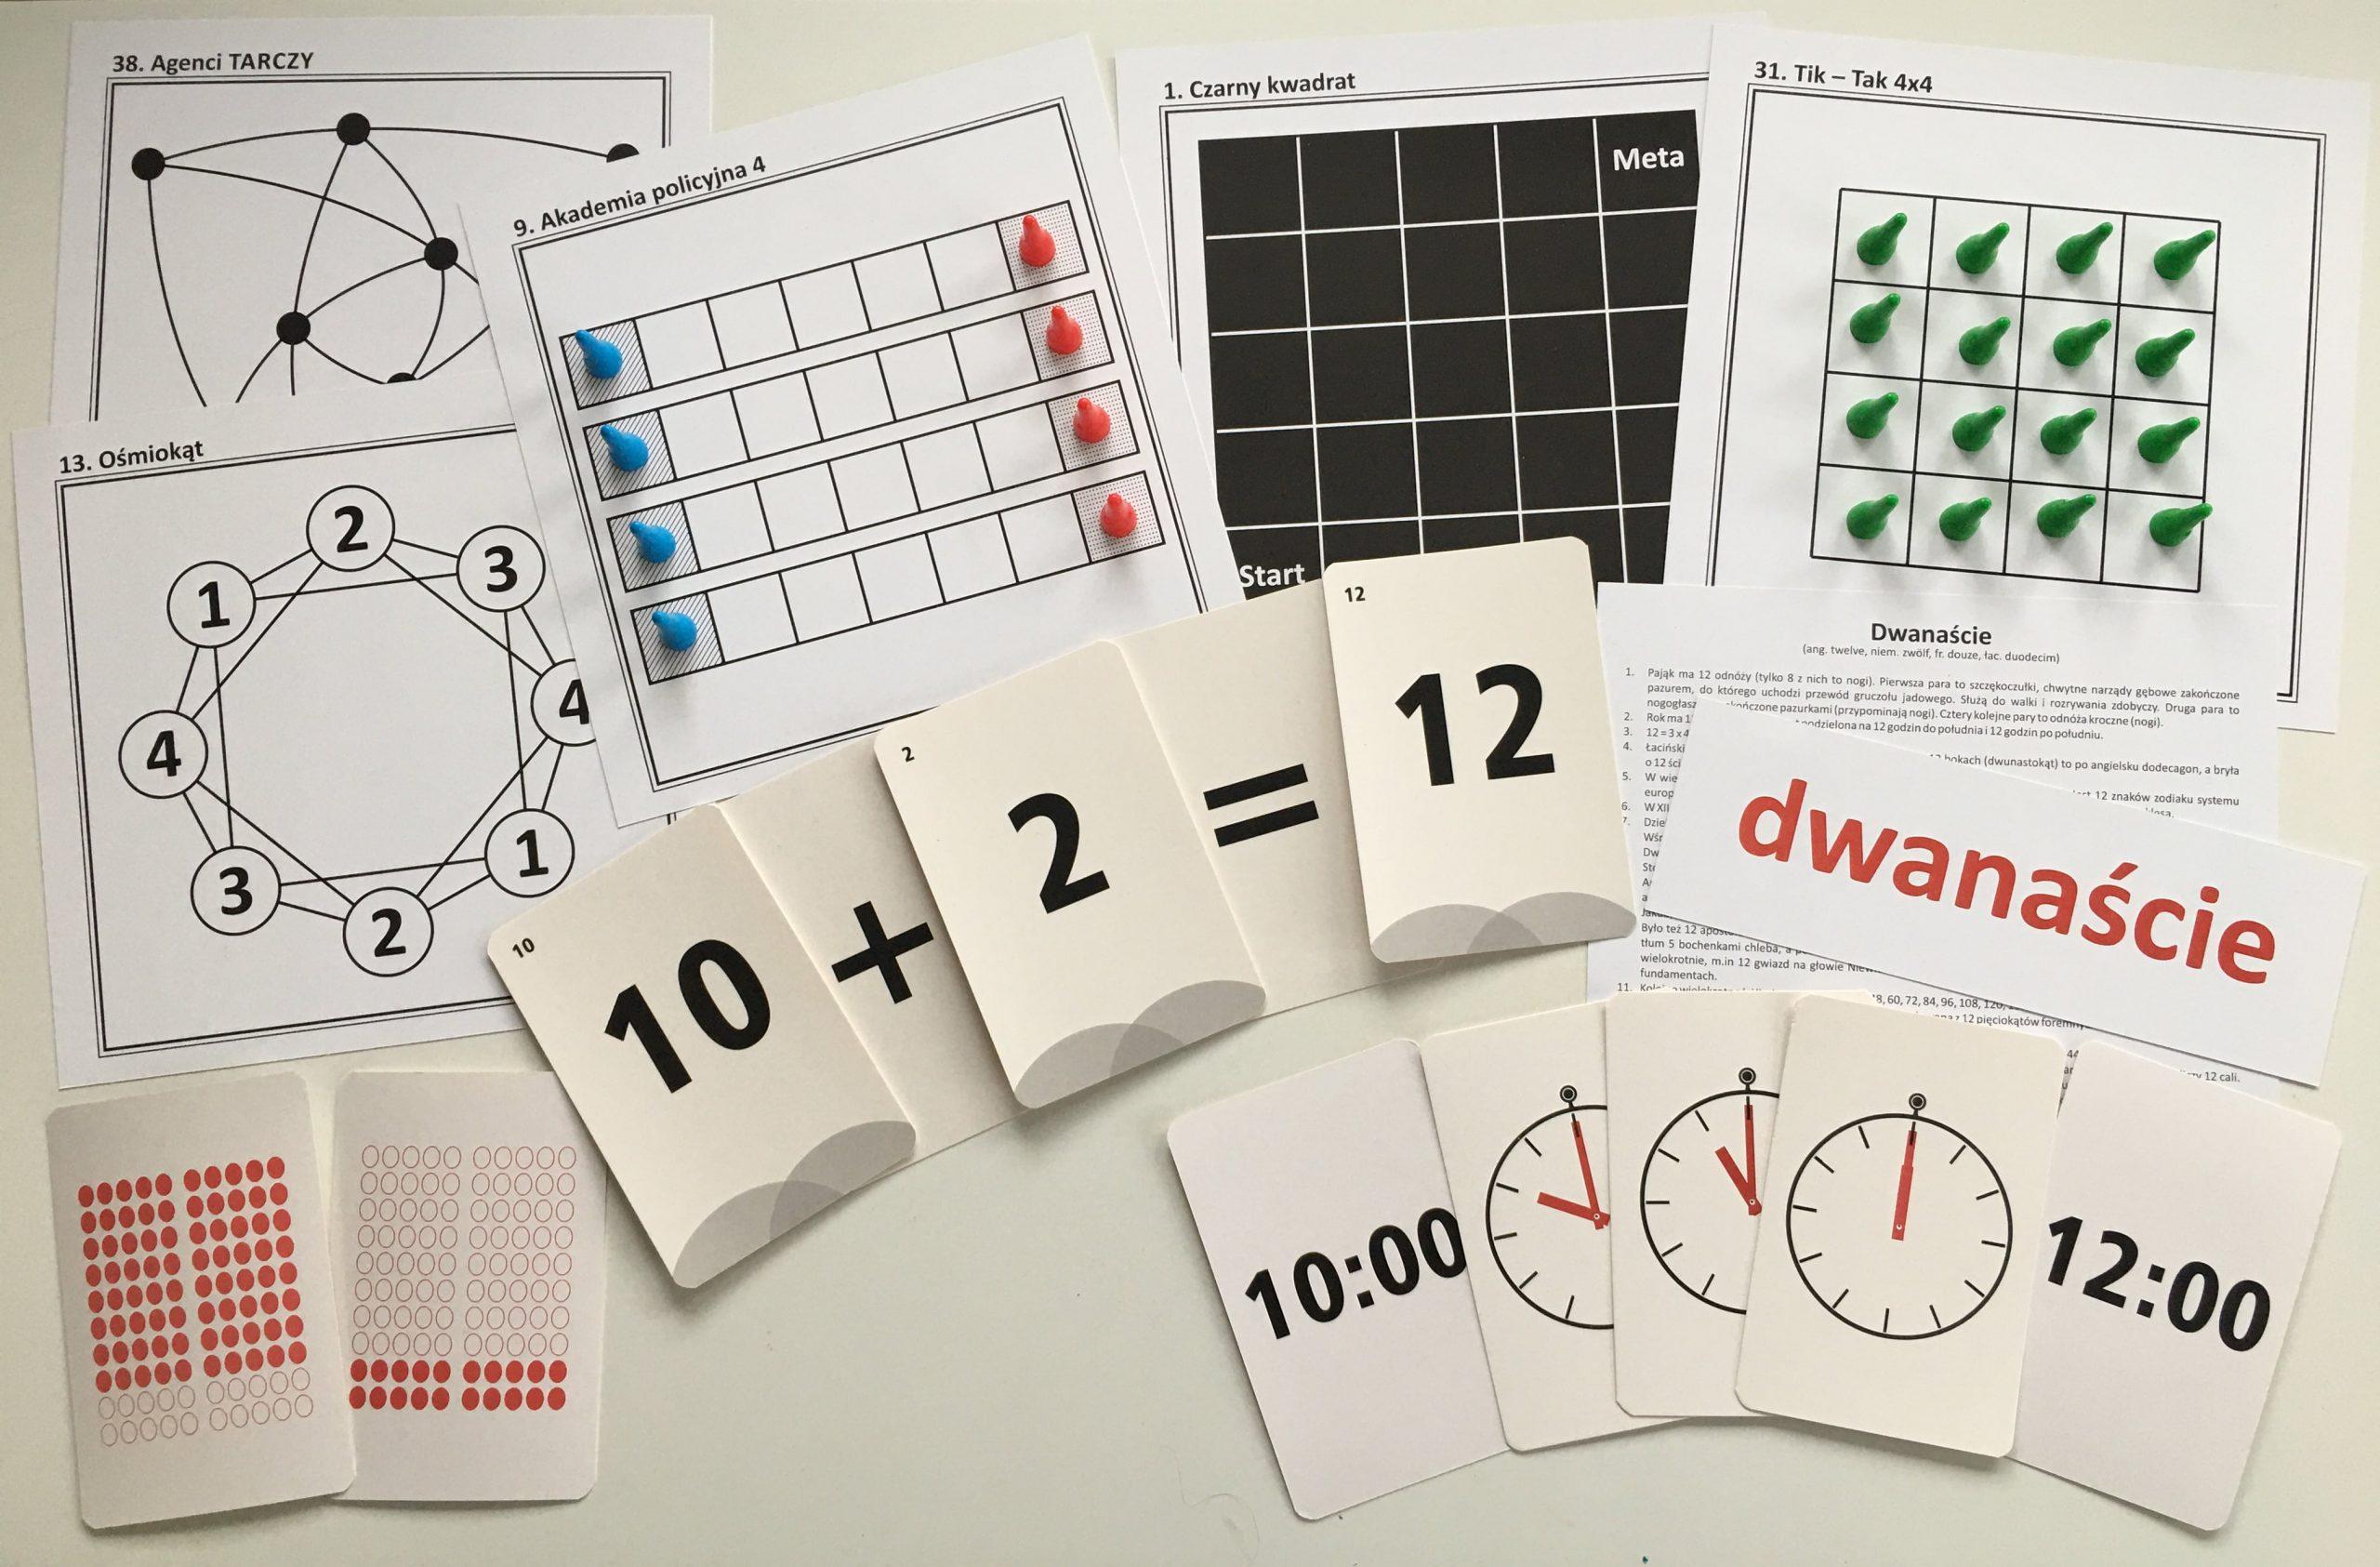 Zabawy Matematyczne  Dla Dzieci Gry Planszowe Strategiczne